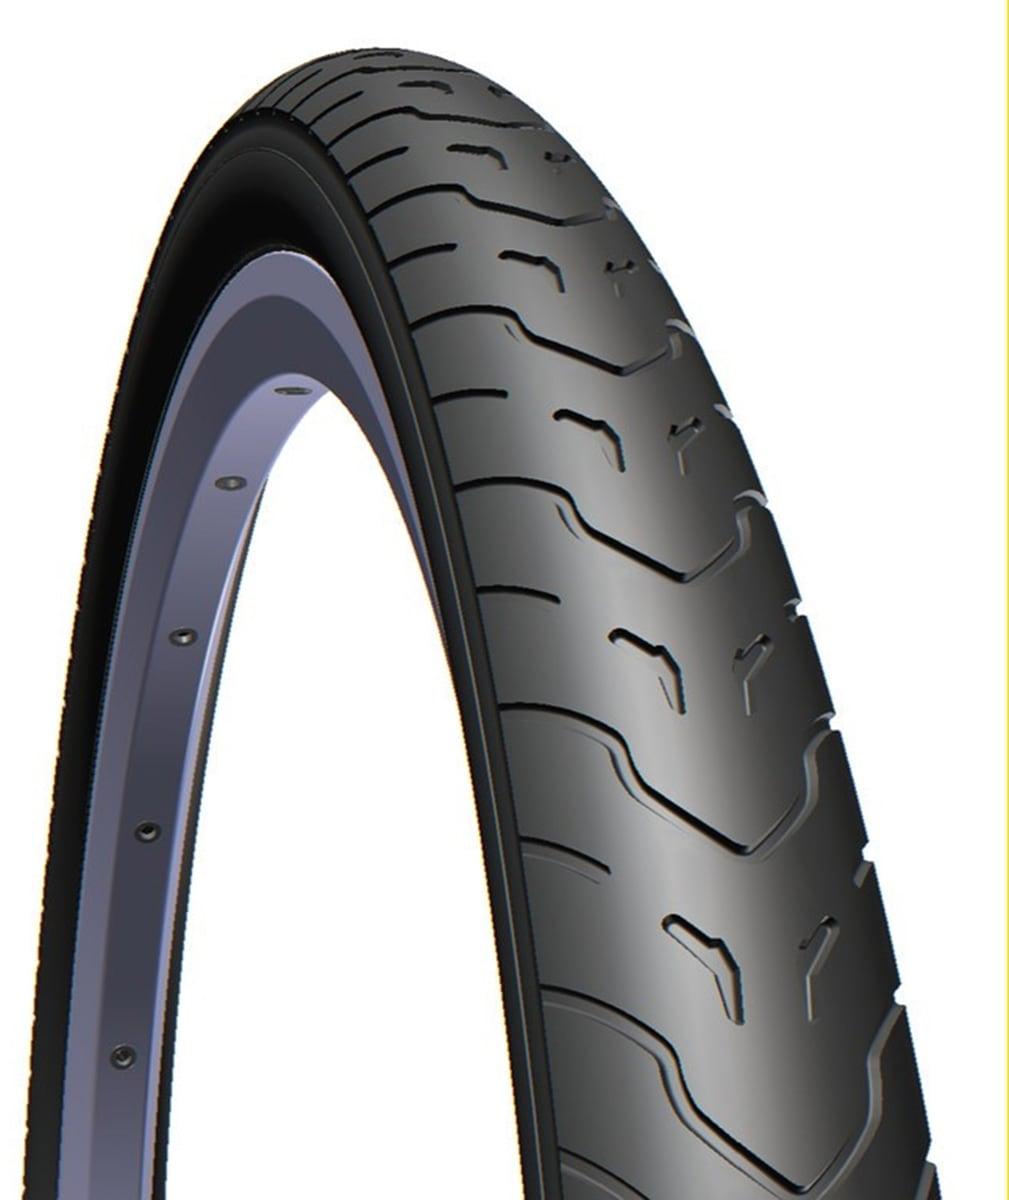 Mitas Fahrradreifen Slick-Reifen Cobra V 58 (Set, 2-tlg) schwarz Fahrradteile Fahrradzubehör Fahrräder Zubehör